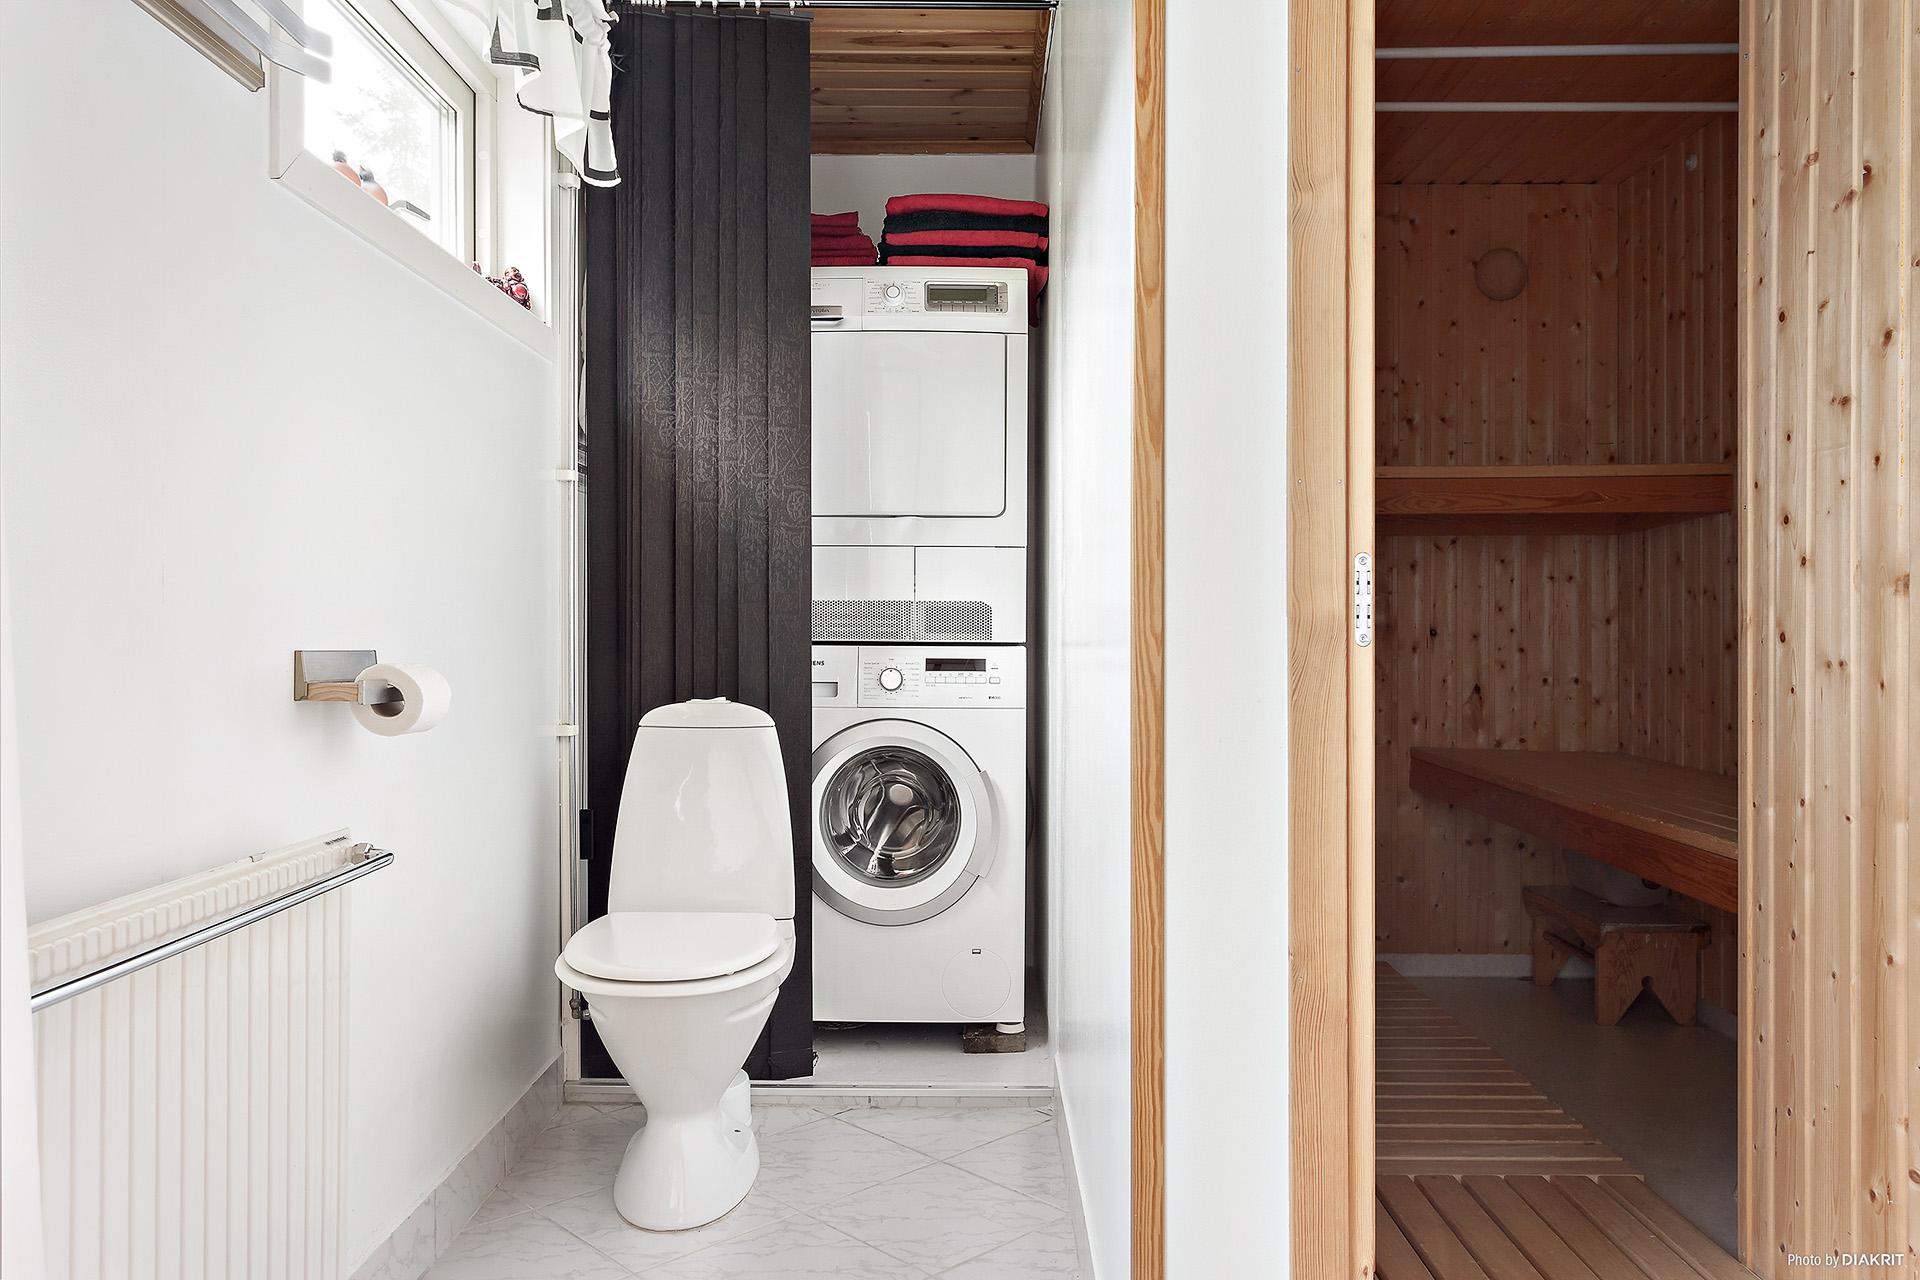 Både tvättmaskin och torktumlare i badrummet